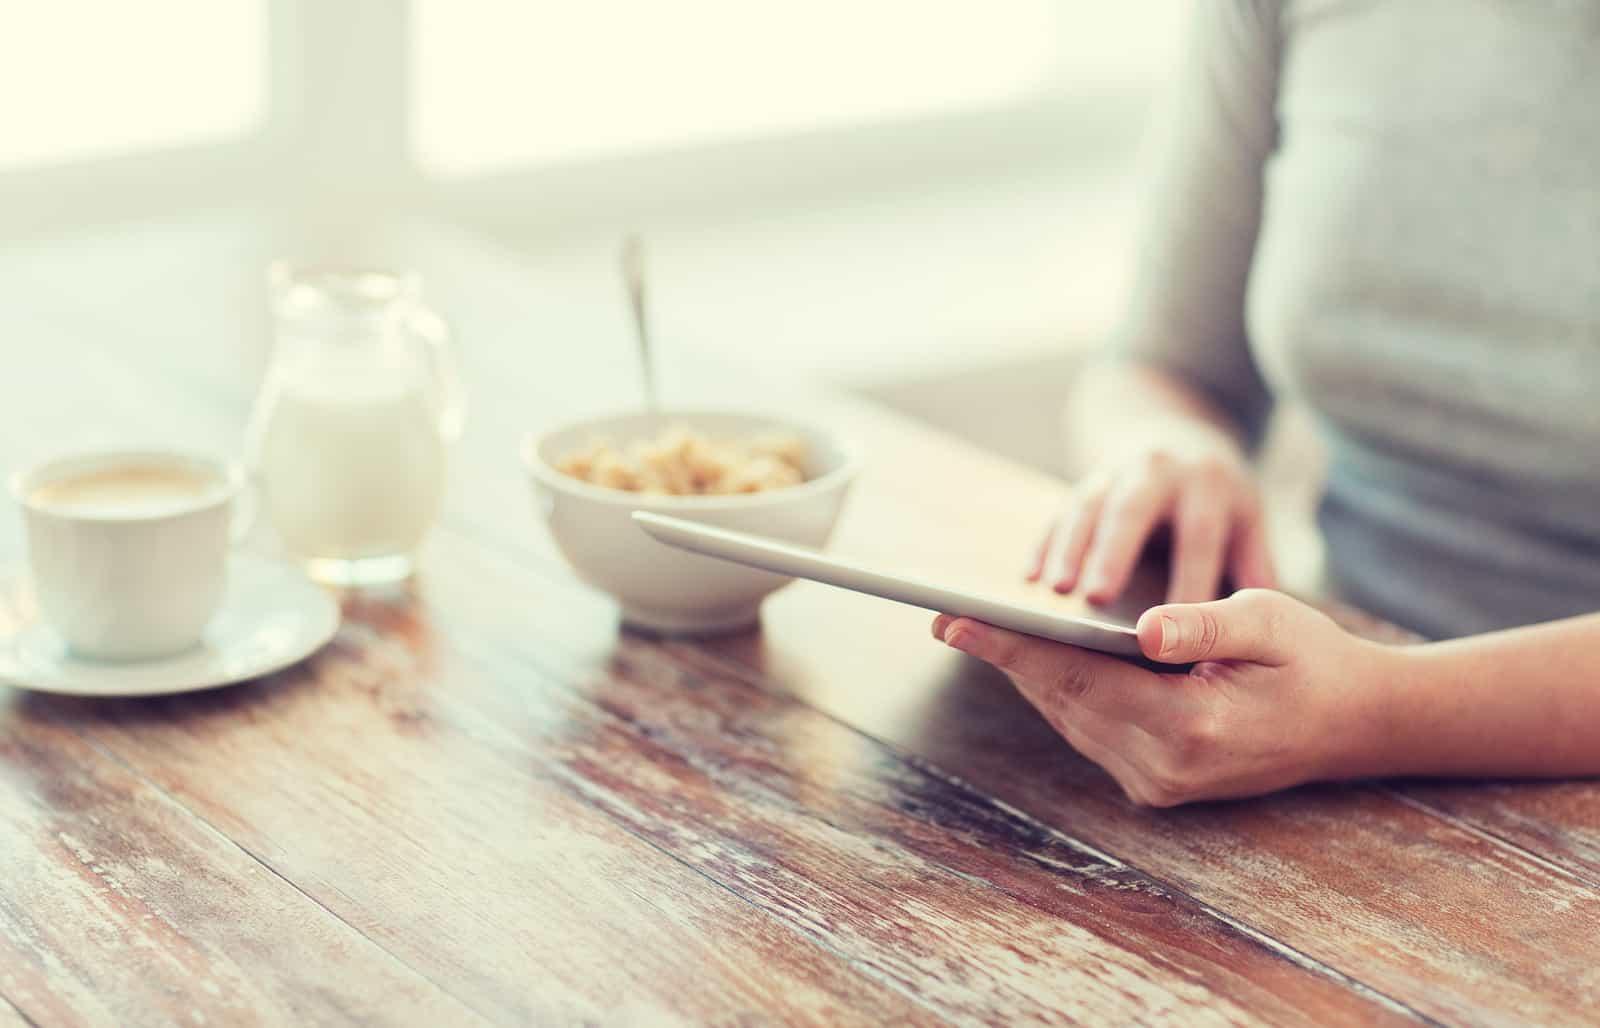 The Discerning Digital blog